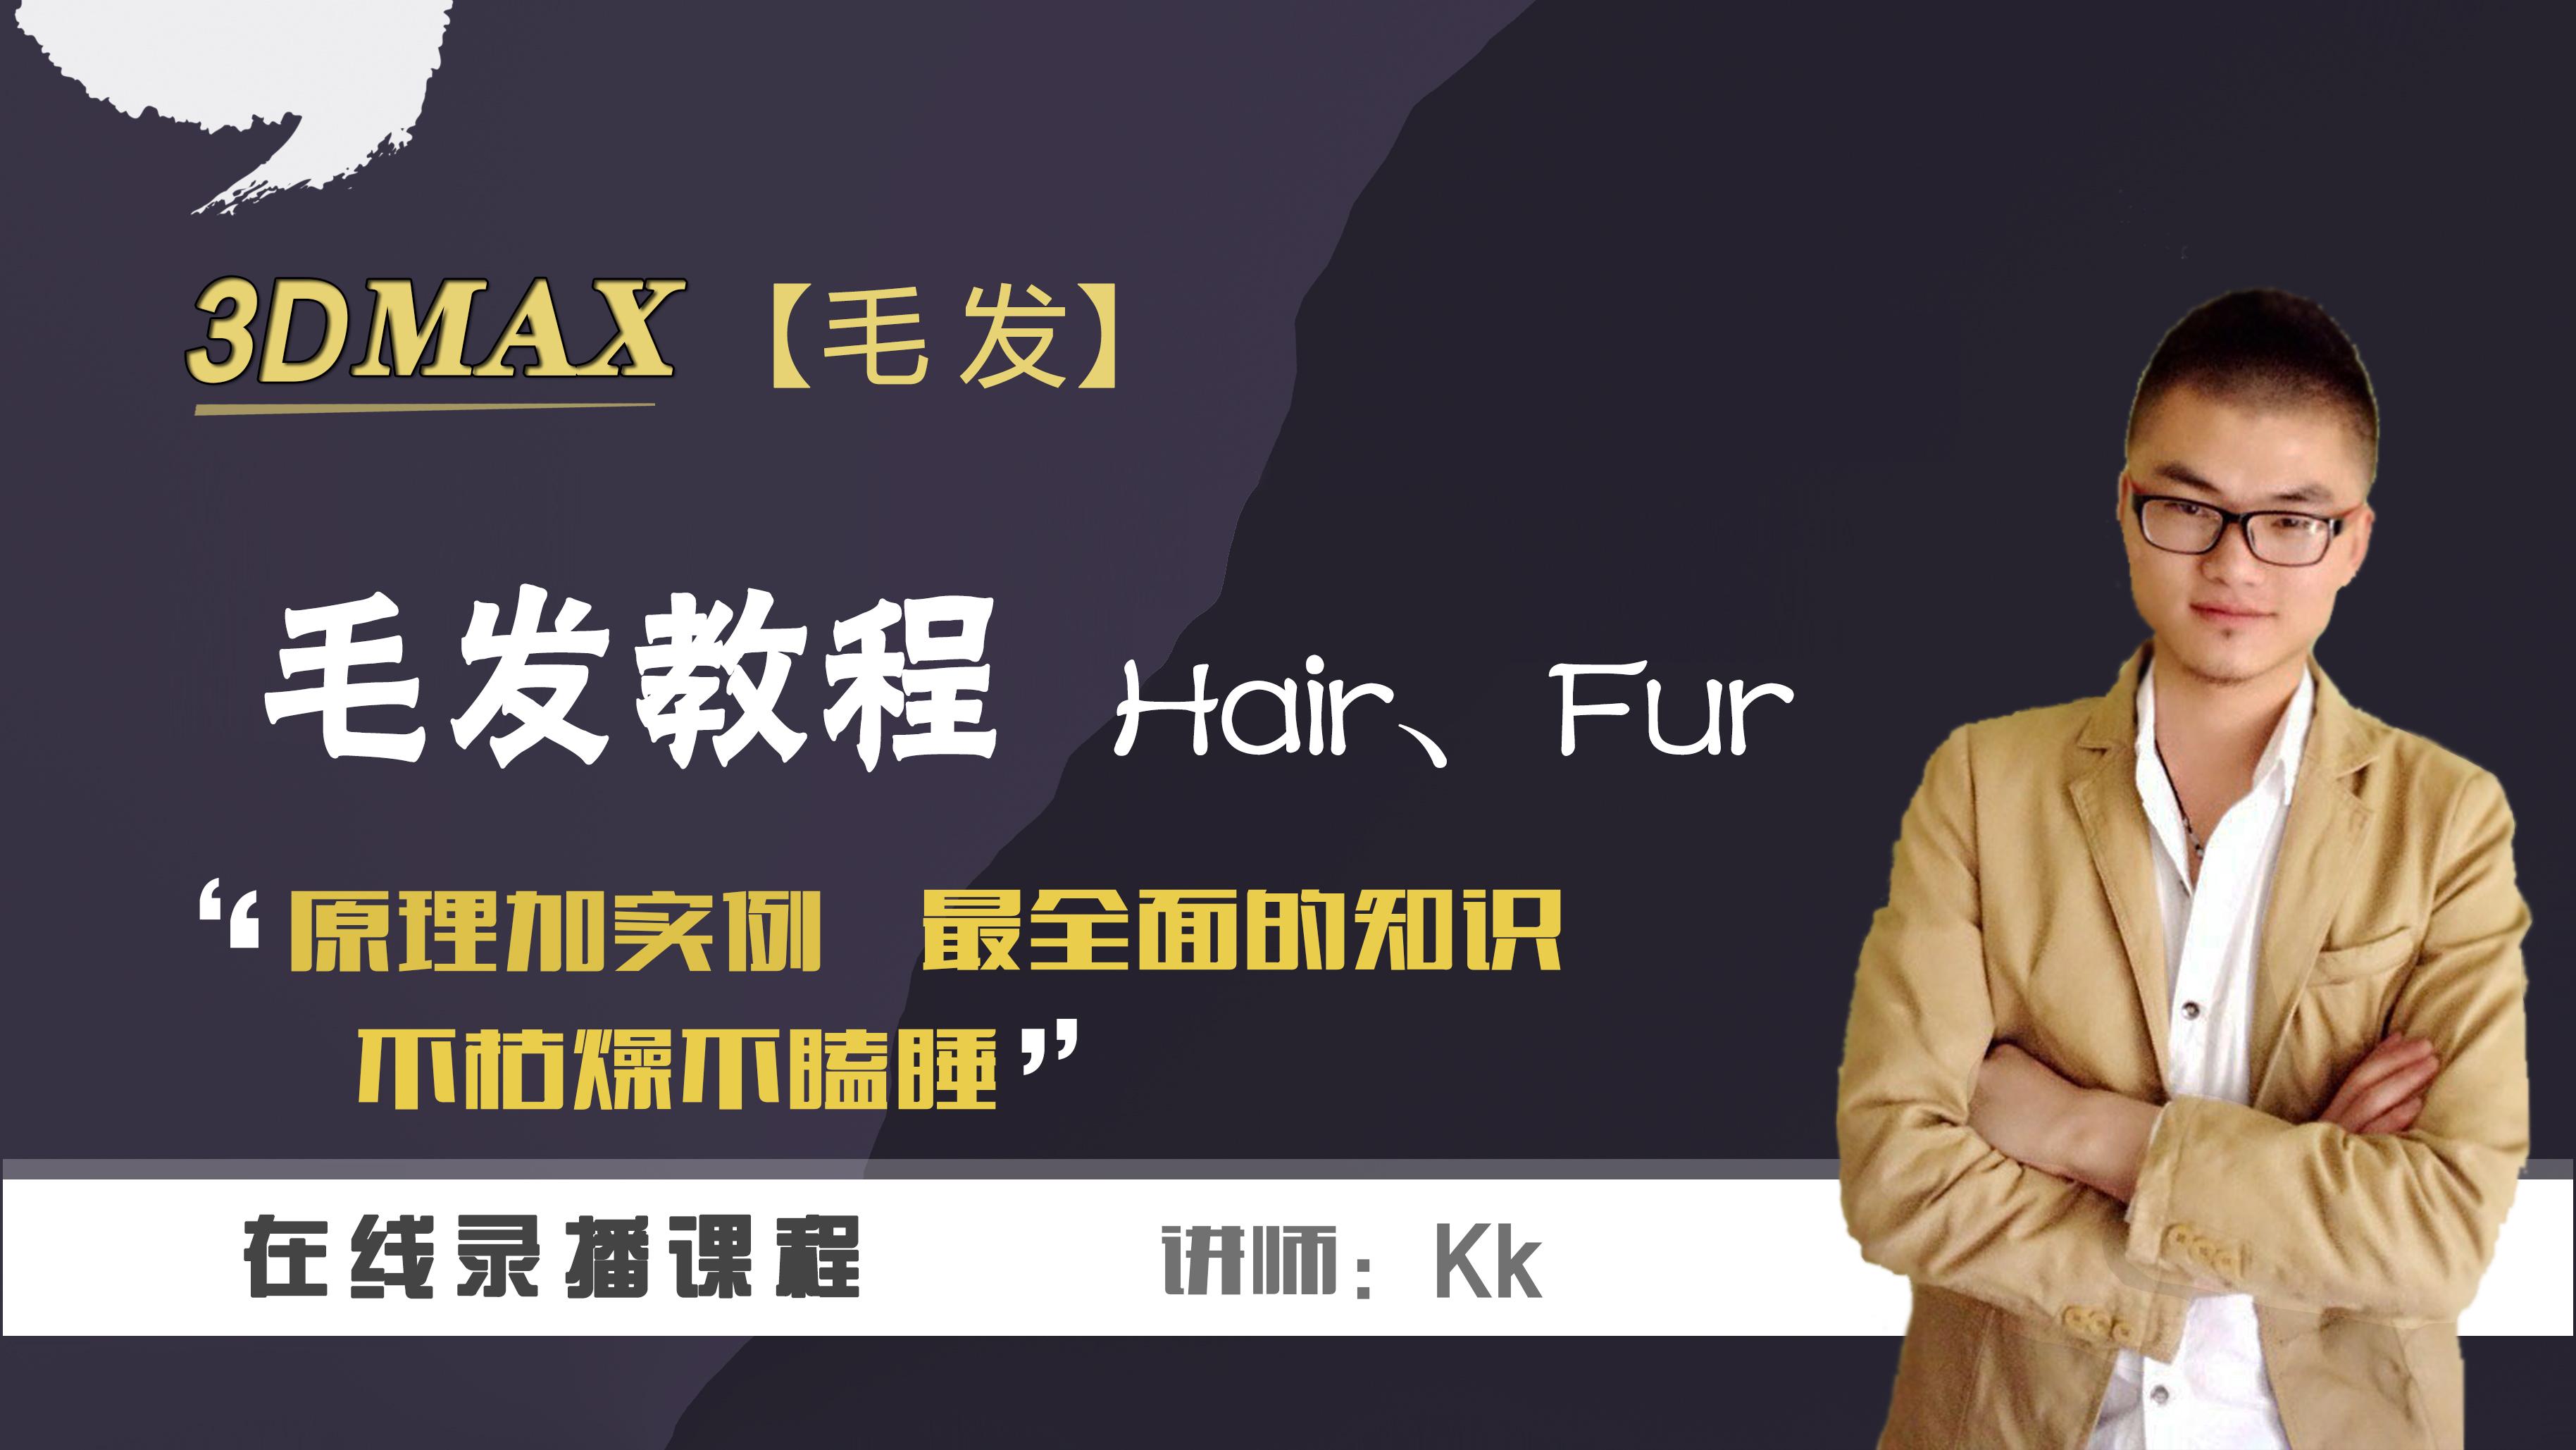 琅泽Kk_(3Dmax_Hair和Hur毛发教程)